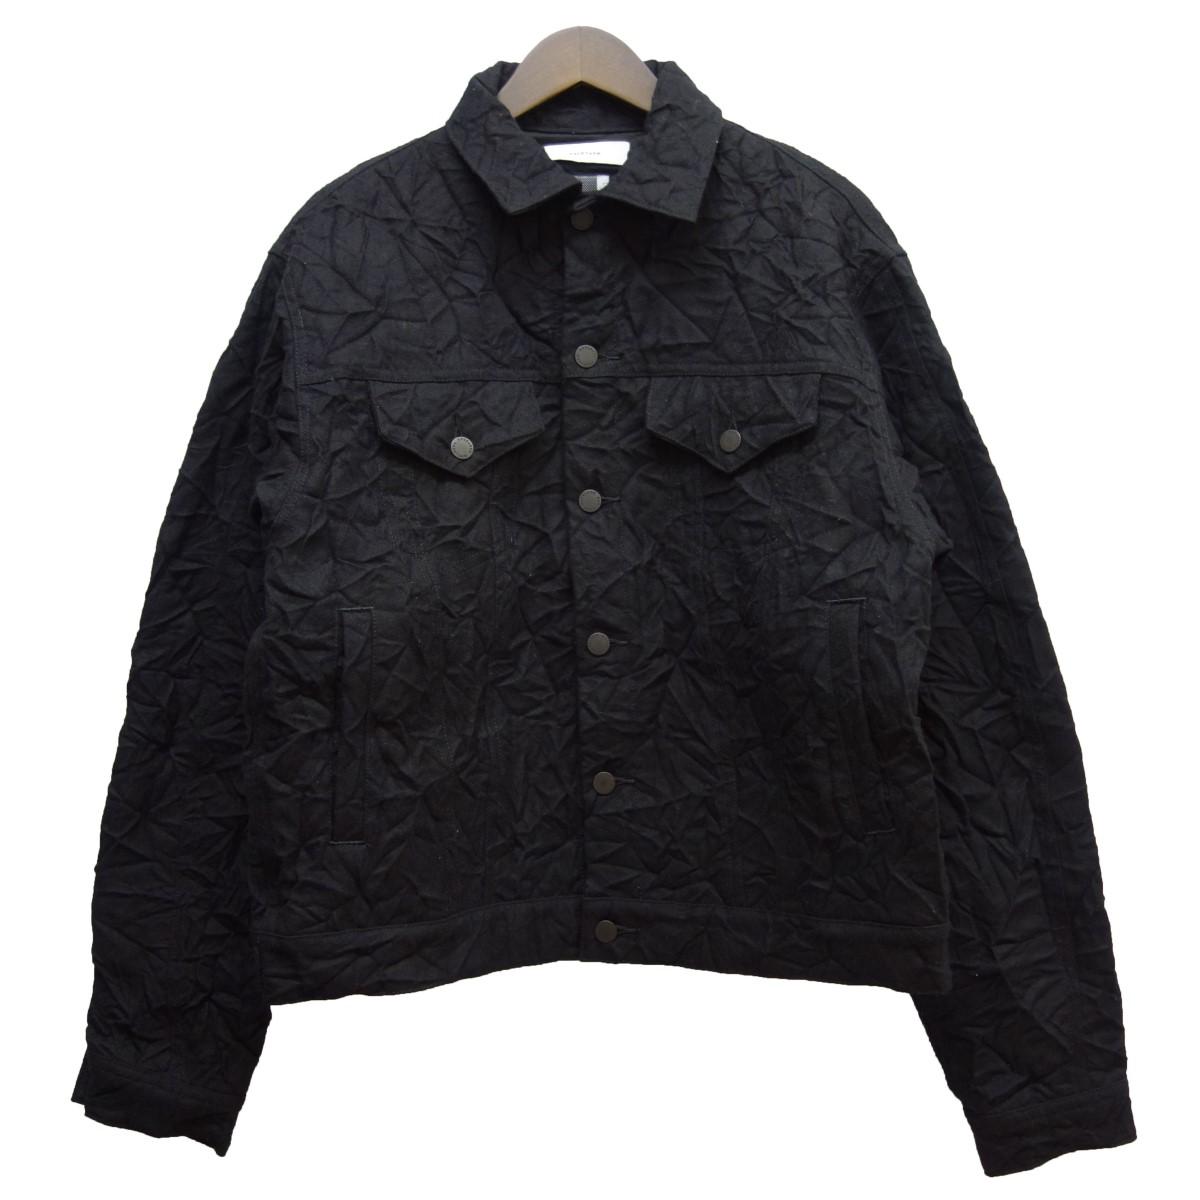 【中古】FACETASM18AW シワ加工ジャケット ブラック サイズ:4 【3月30日見直し】